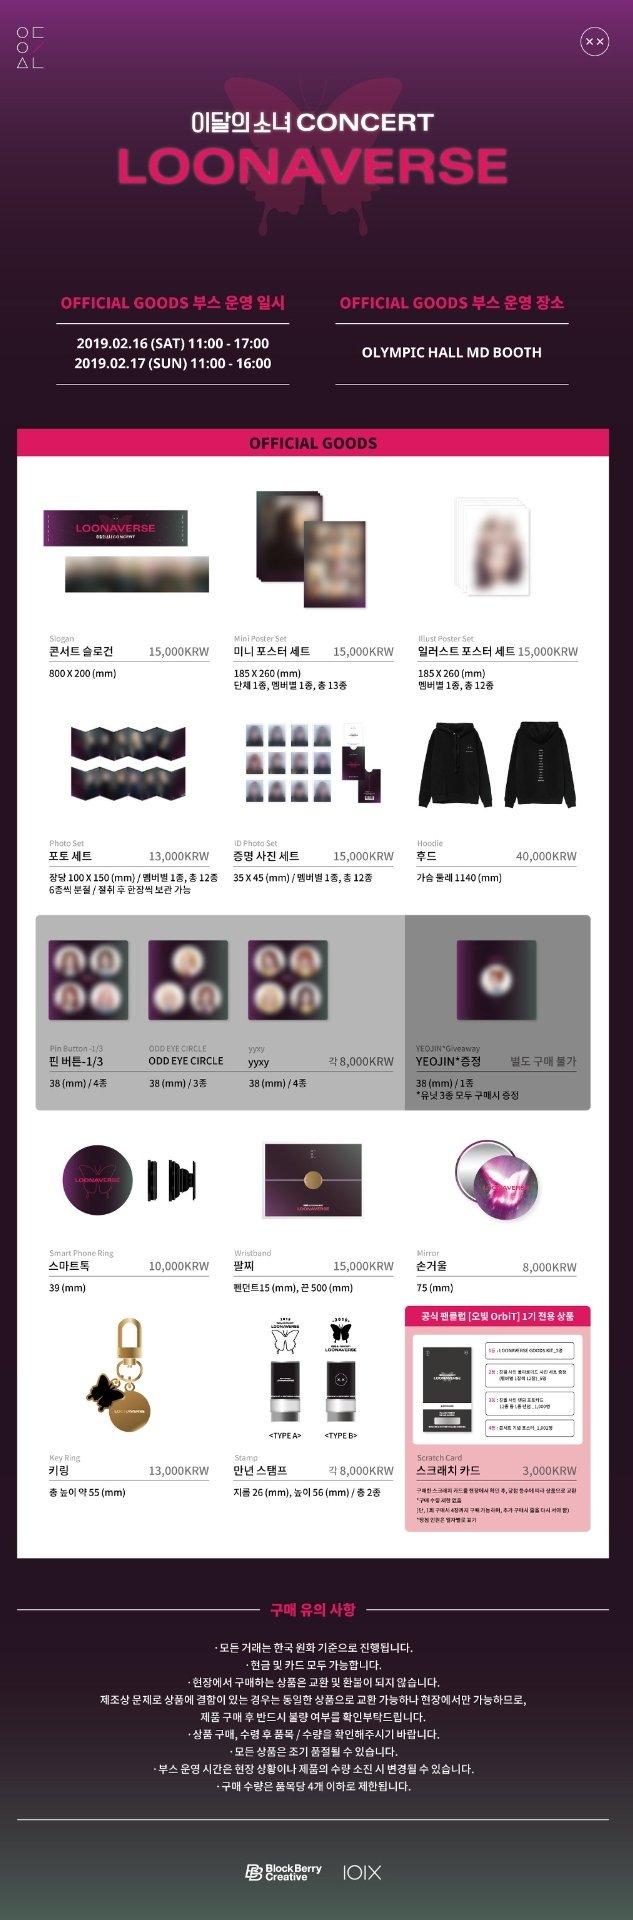 LOONAVERSE Concert Merchandise.png